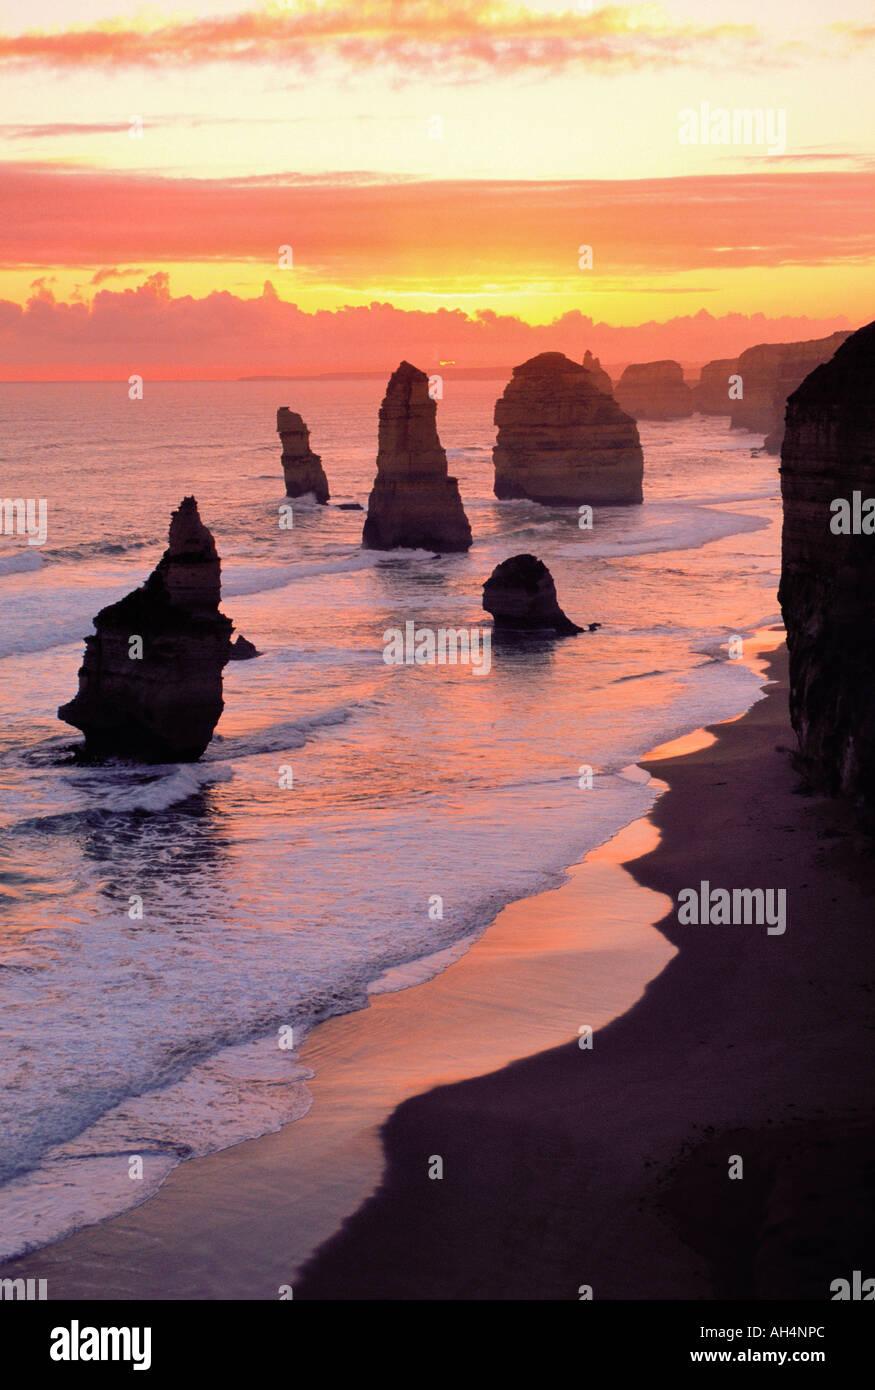 Les douze apôtres, Port Campbell National Park, Victoria, Australie Photo Stock